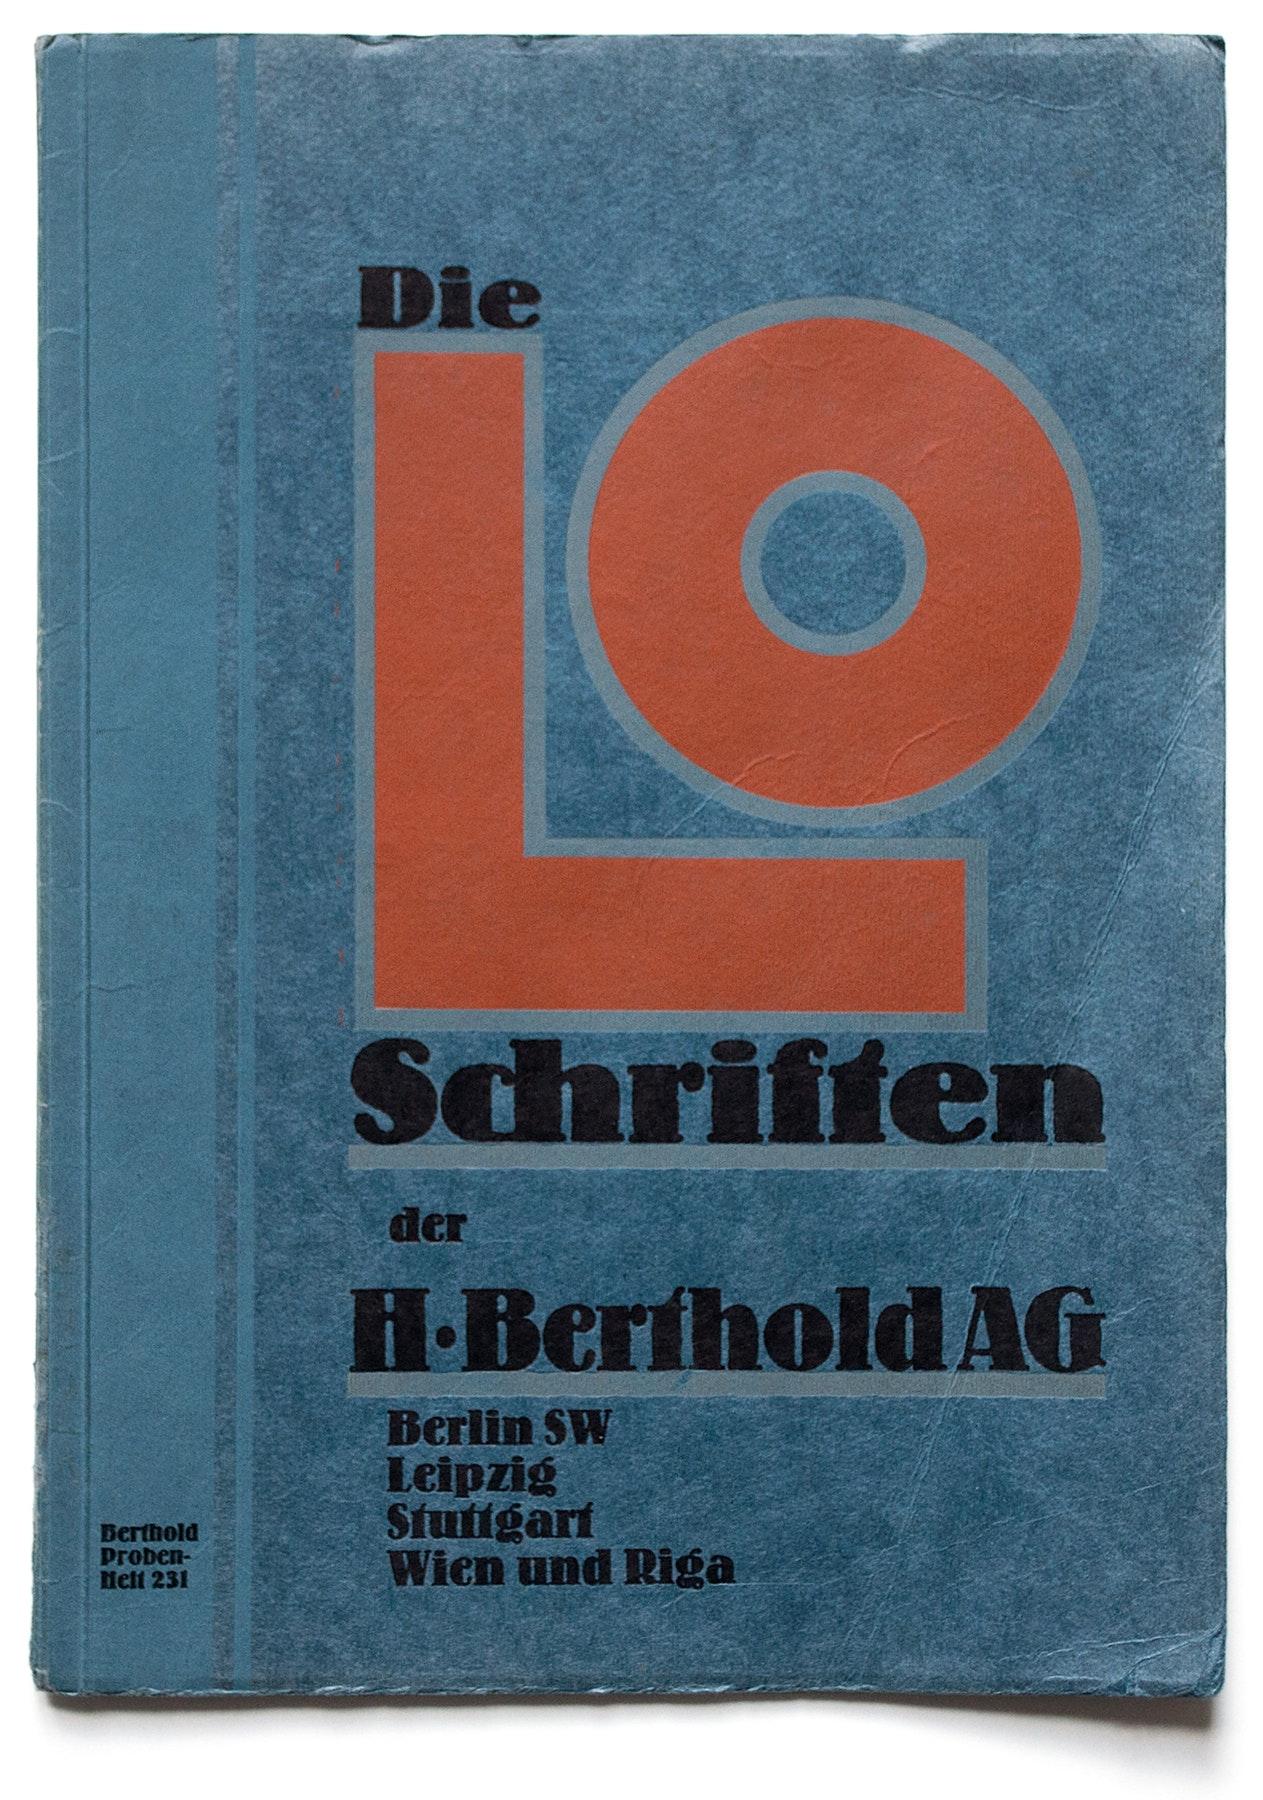 Lo Schriften 02